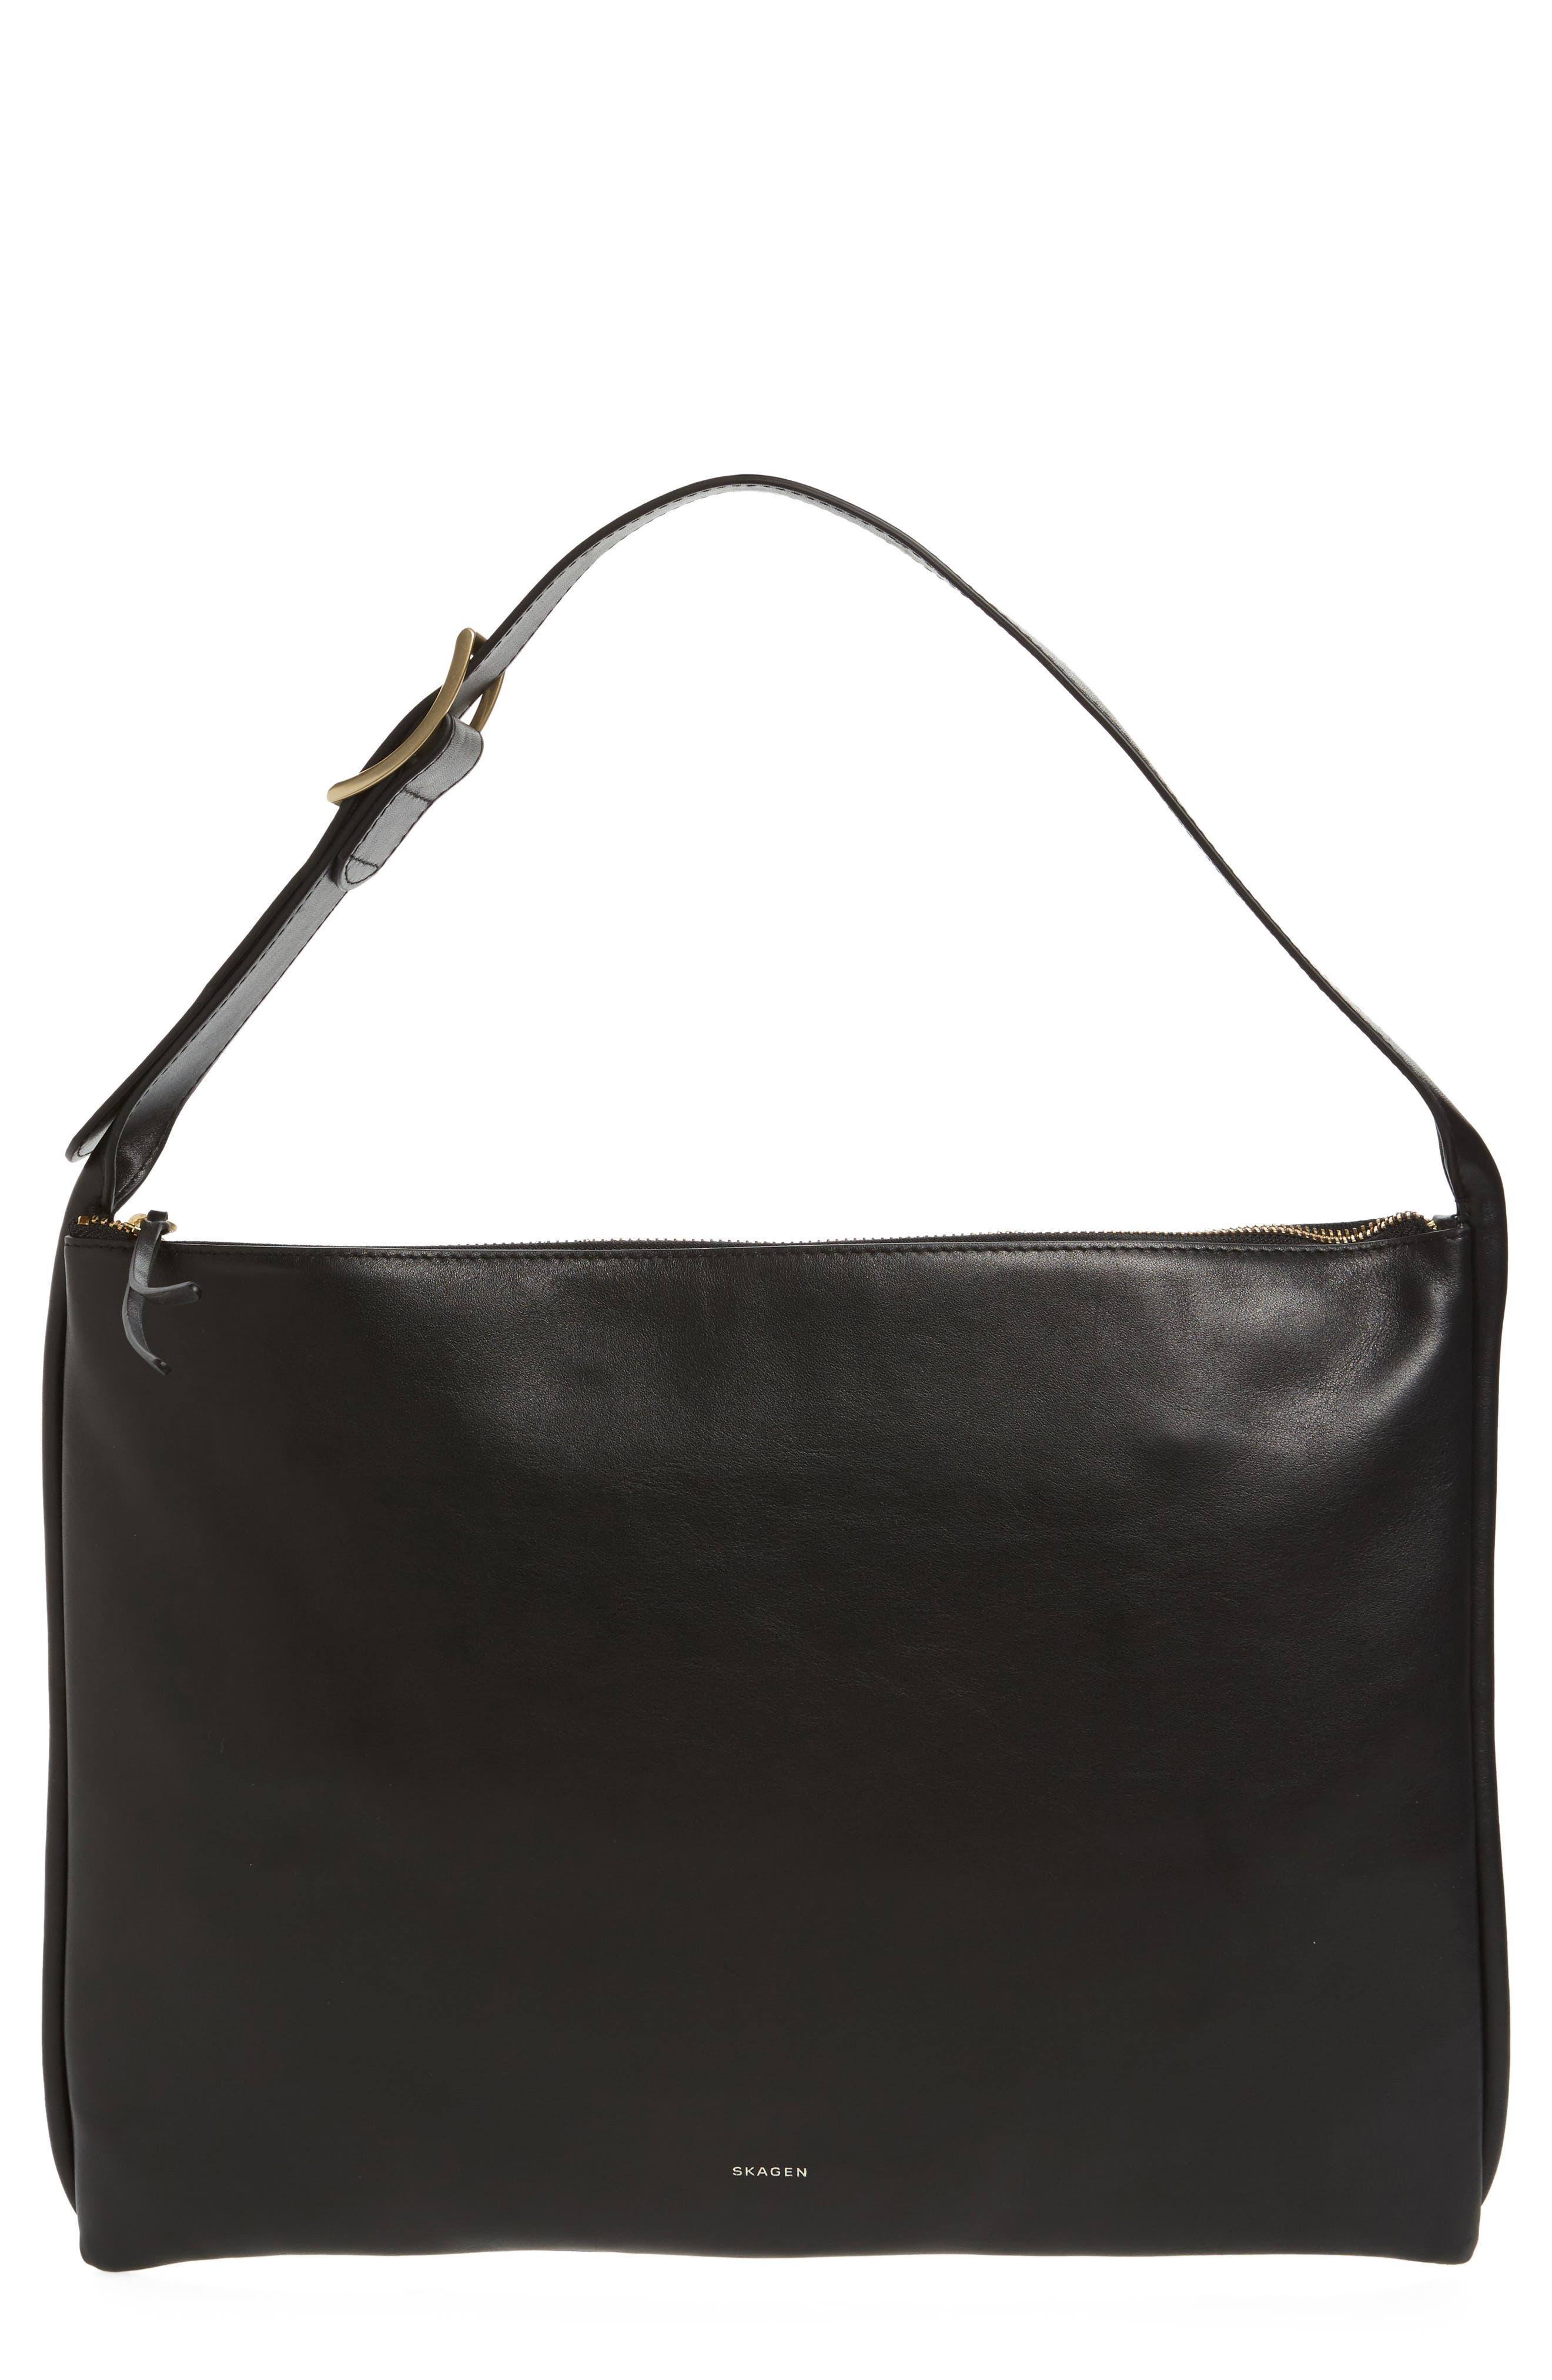 Anesa Leather Shoulder Bag,                         Main,                         color, Black